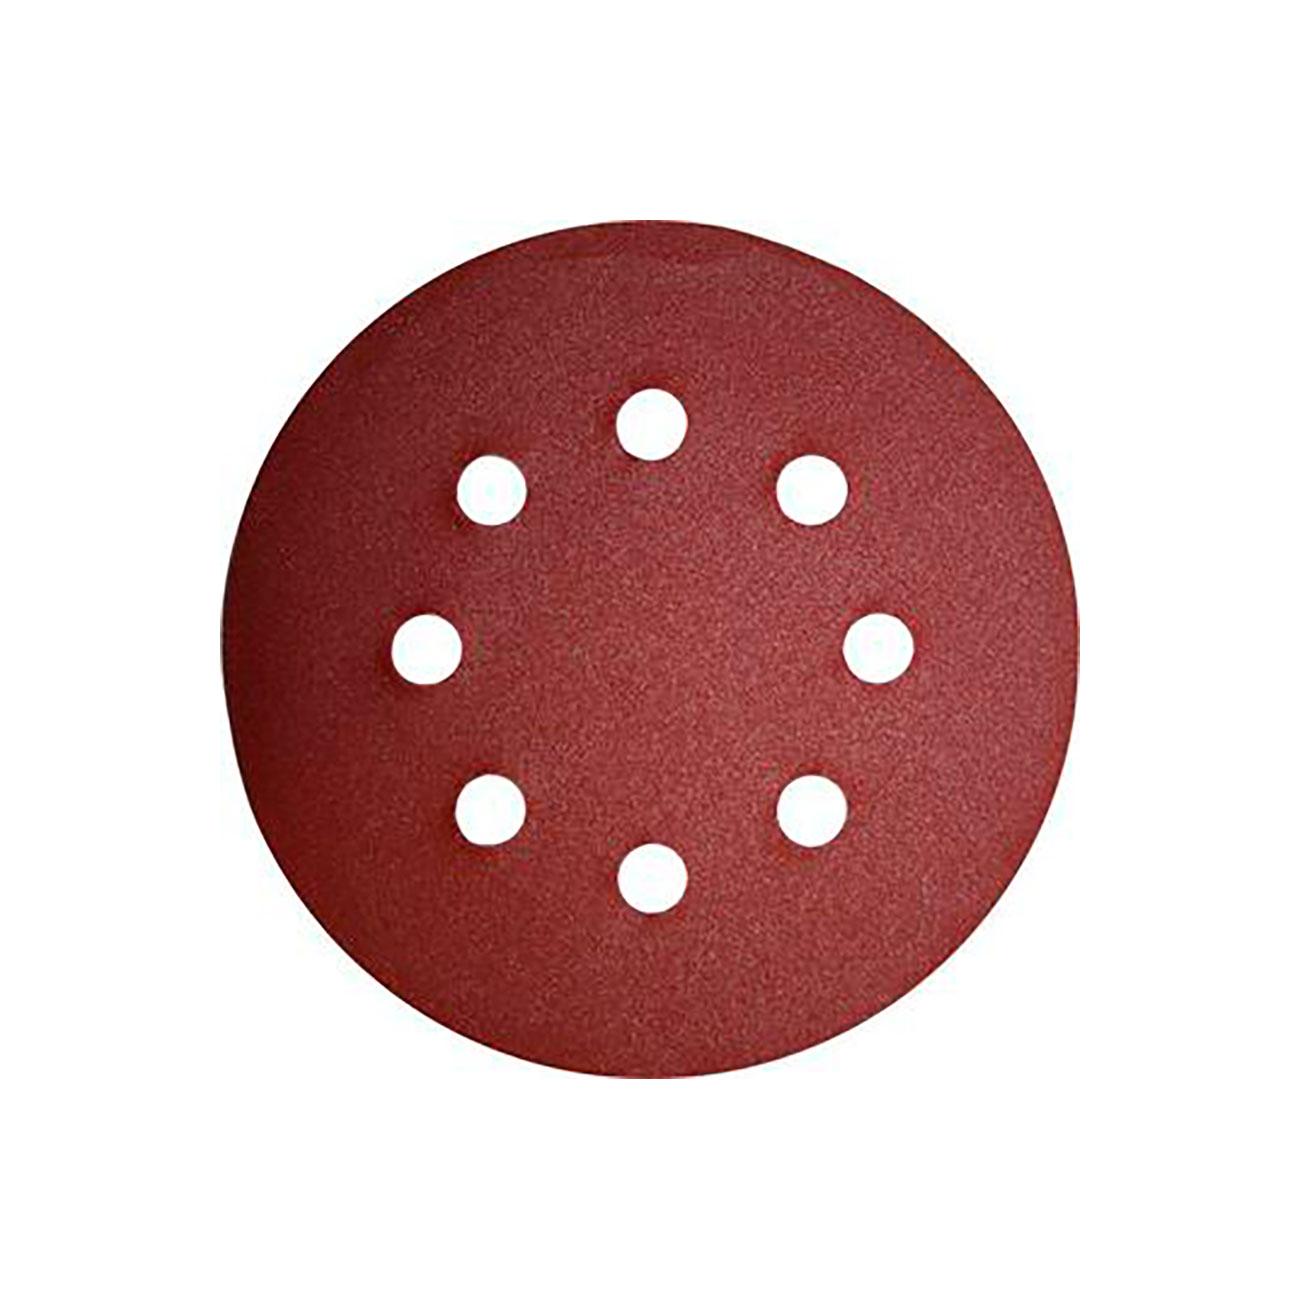 Фото Шлифовальные круги Практика Профи, на липкой основе, Р240, для металла и дерева, 8 отверстий, 125 мм (5 шт) {031-532}